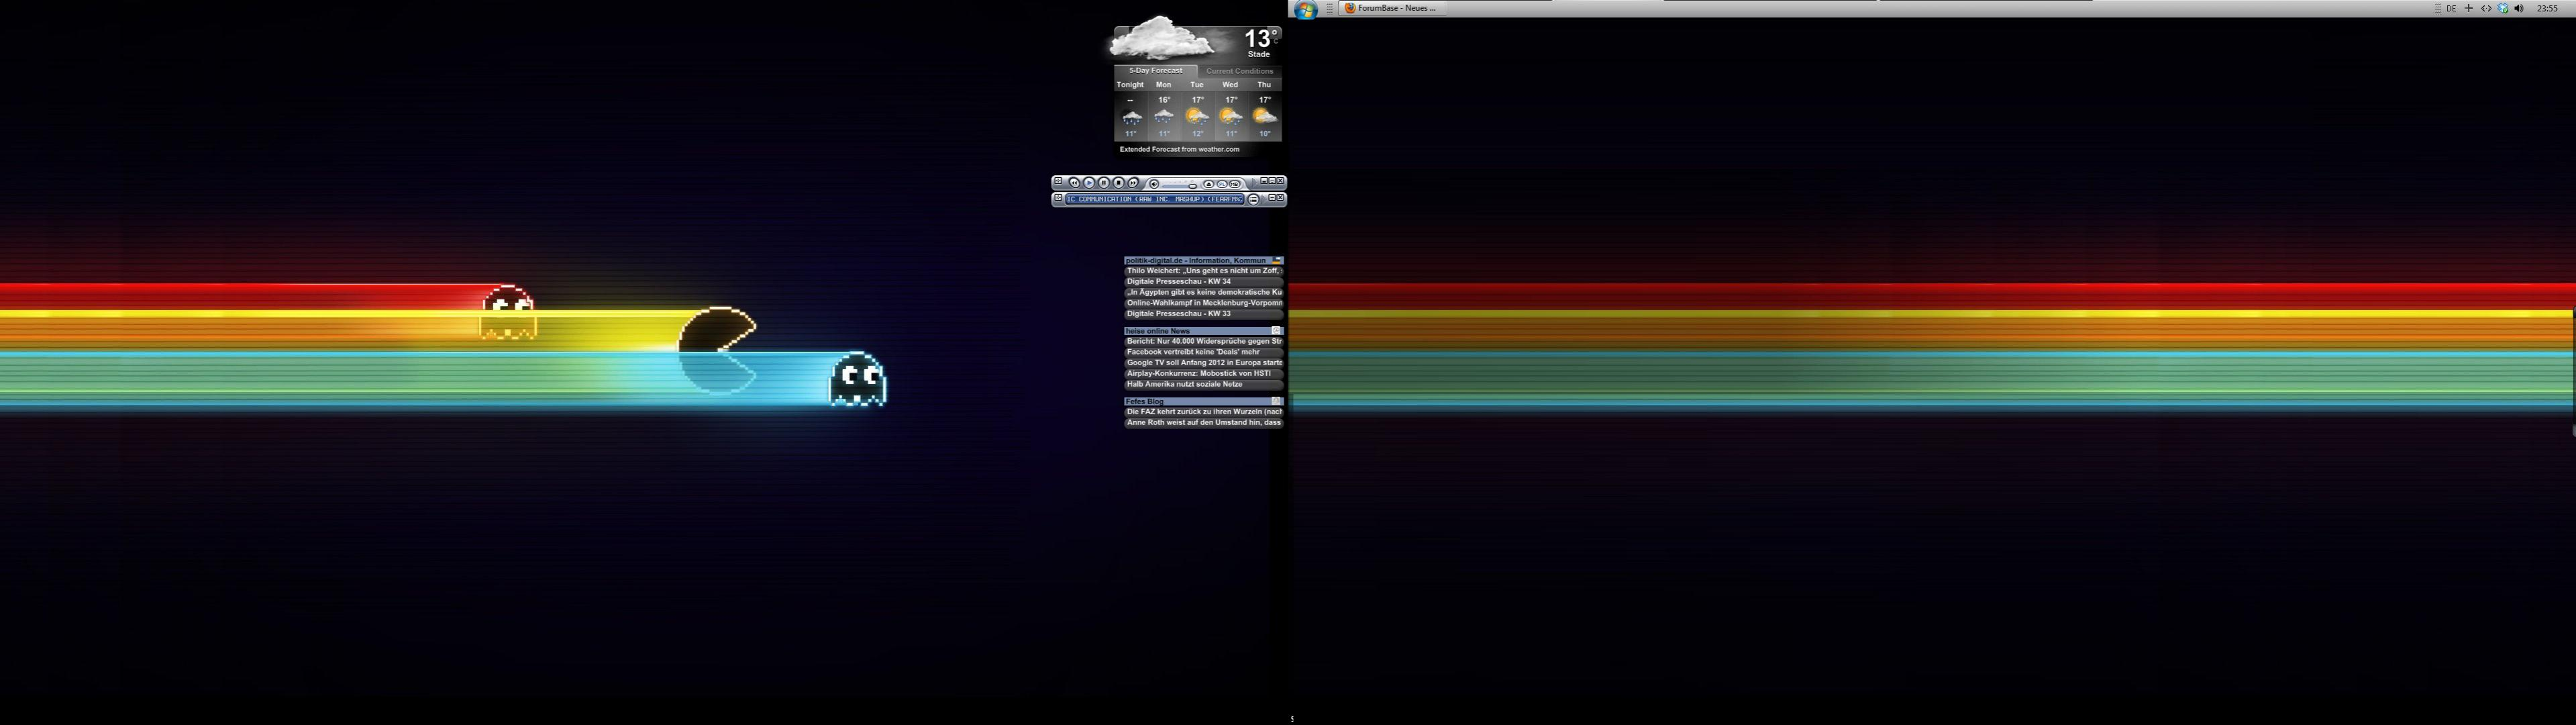 doppel wallpaper primarer monitor rechts computerbase forum doppel wallpaper primarer monitor